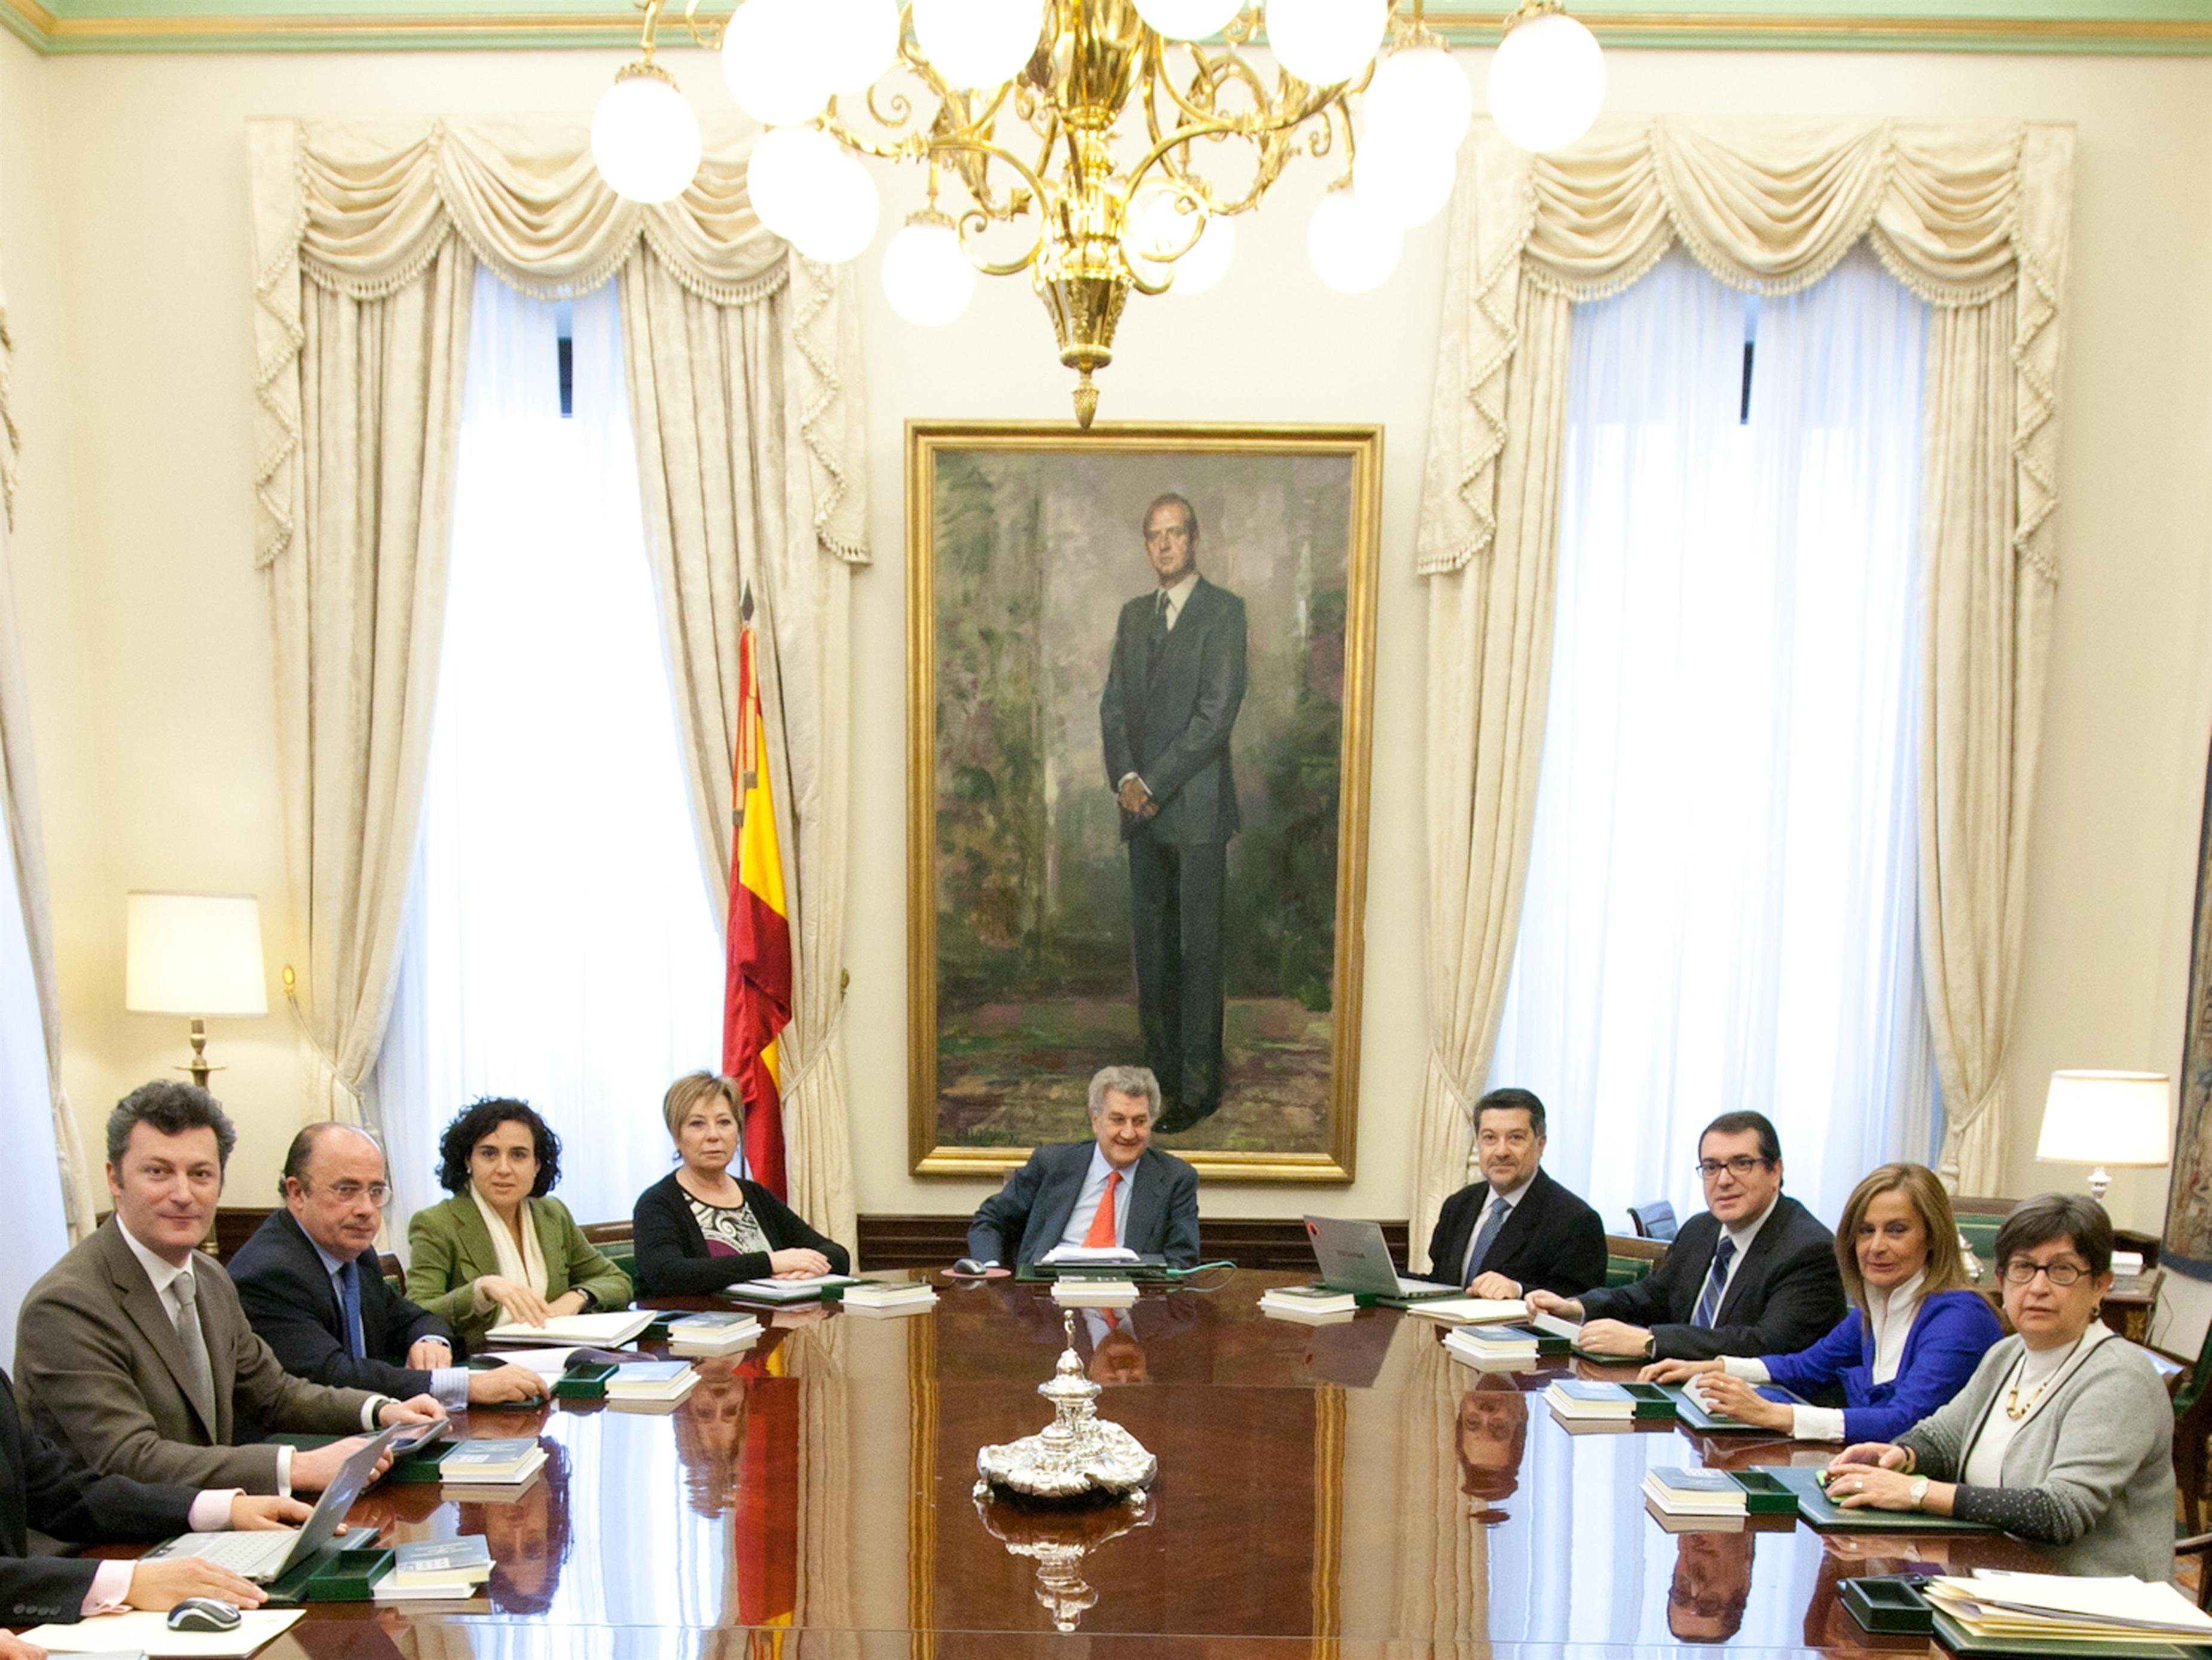 El PP veta en la Mesa del Congreso el primer intento de interpelar a Rajoy